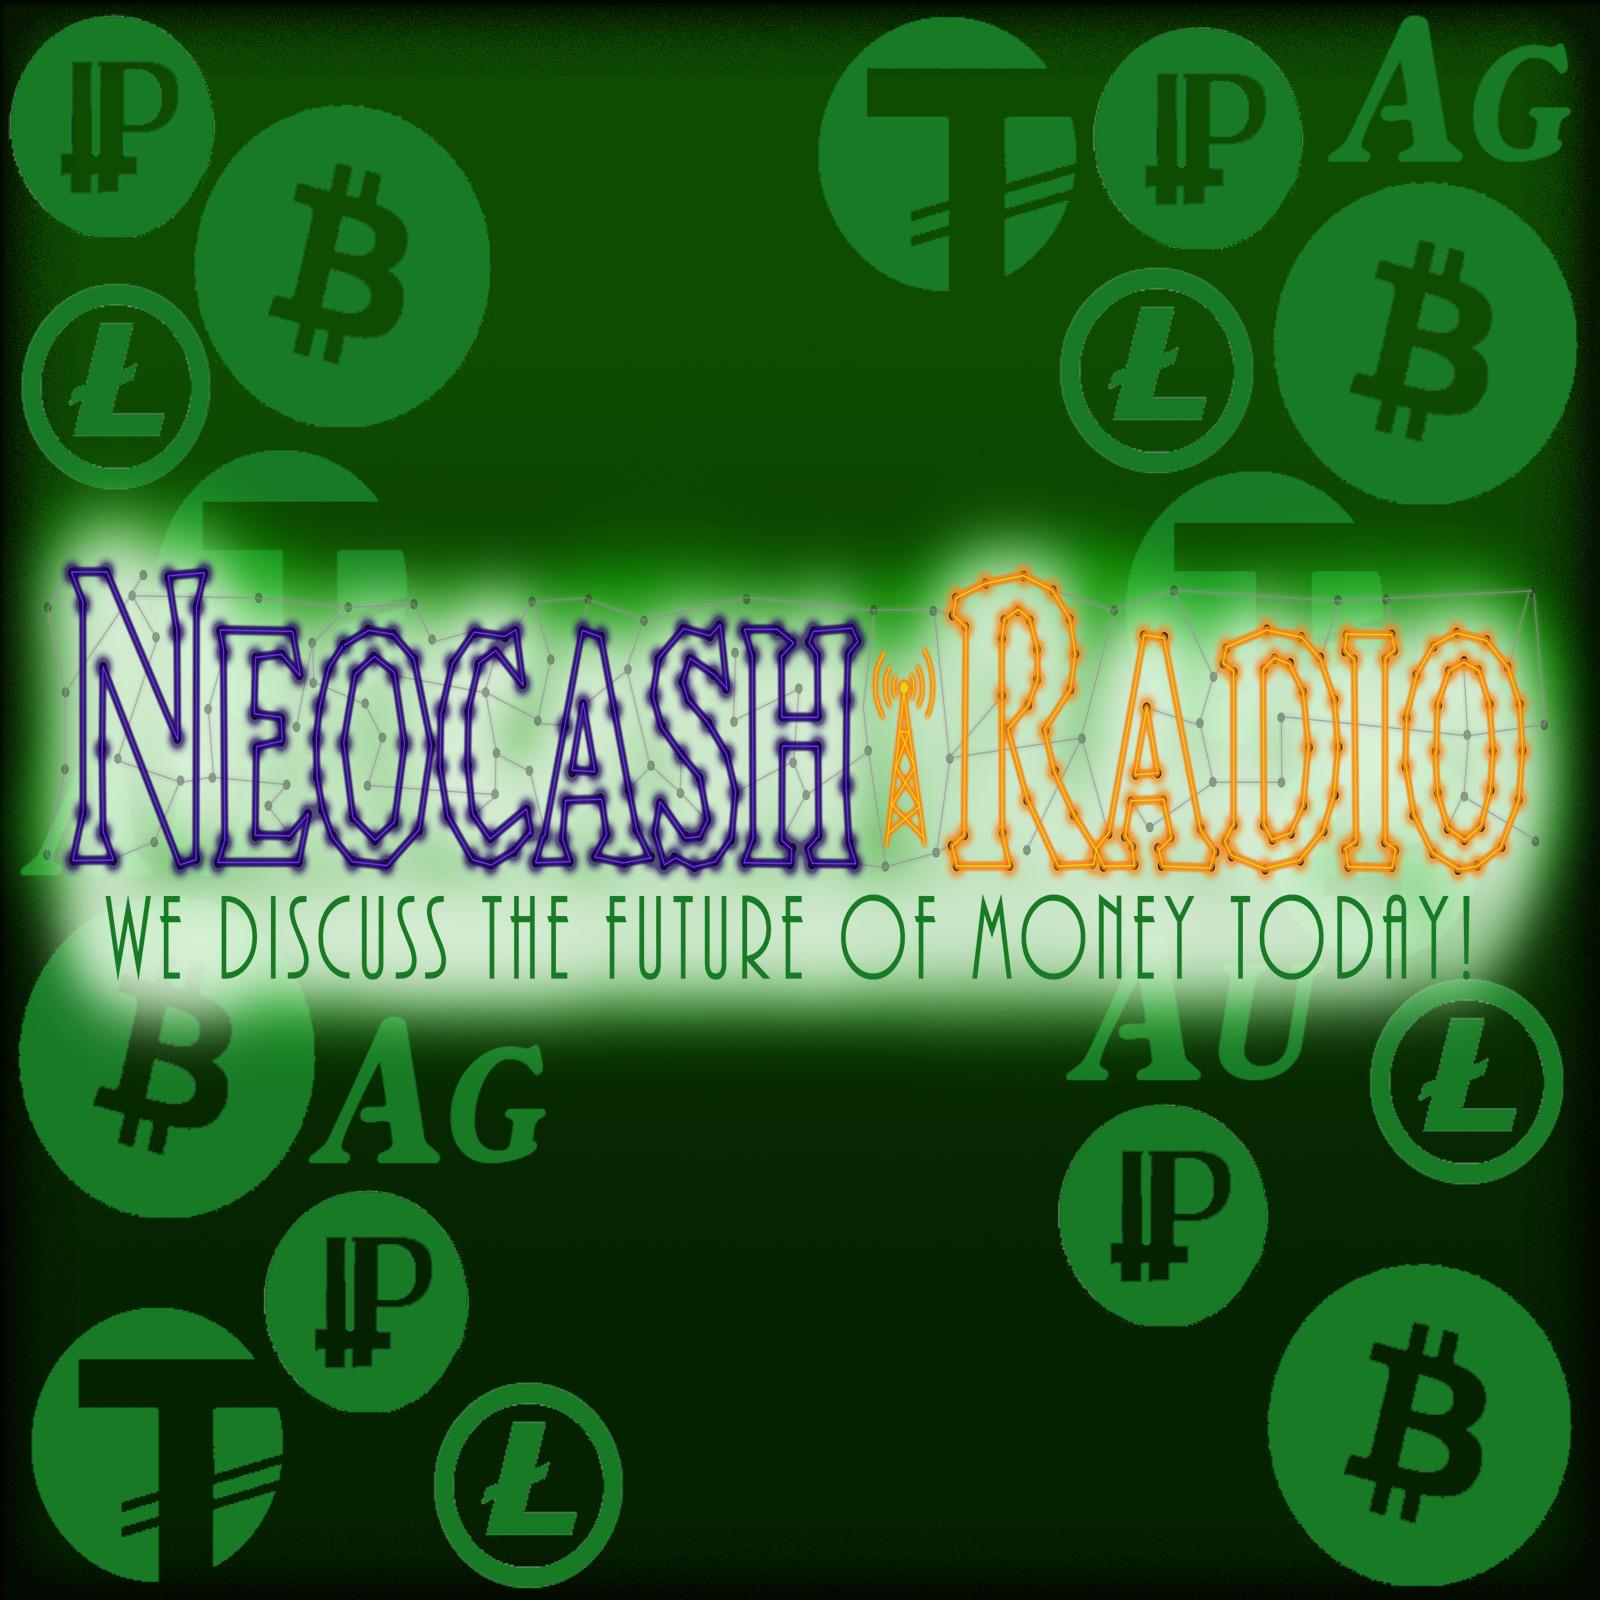 Neocash Radio - Episode 133